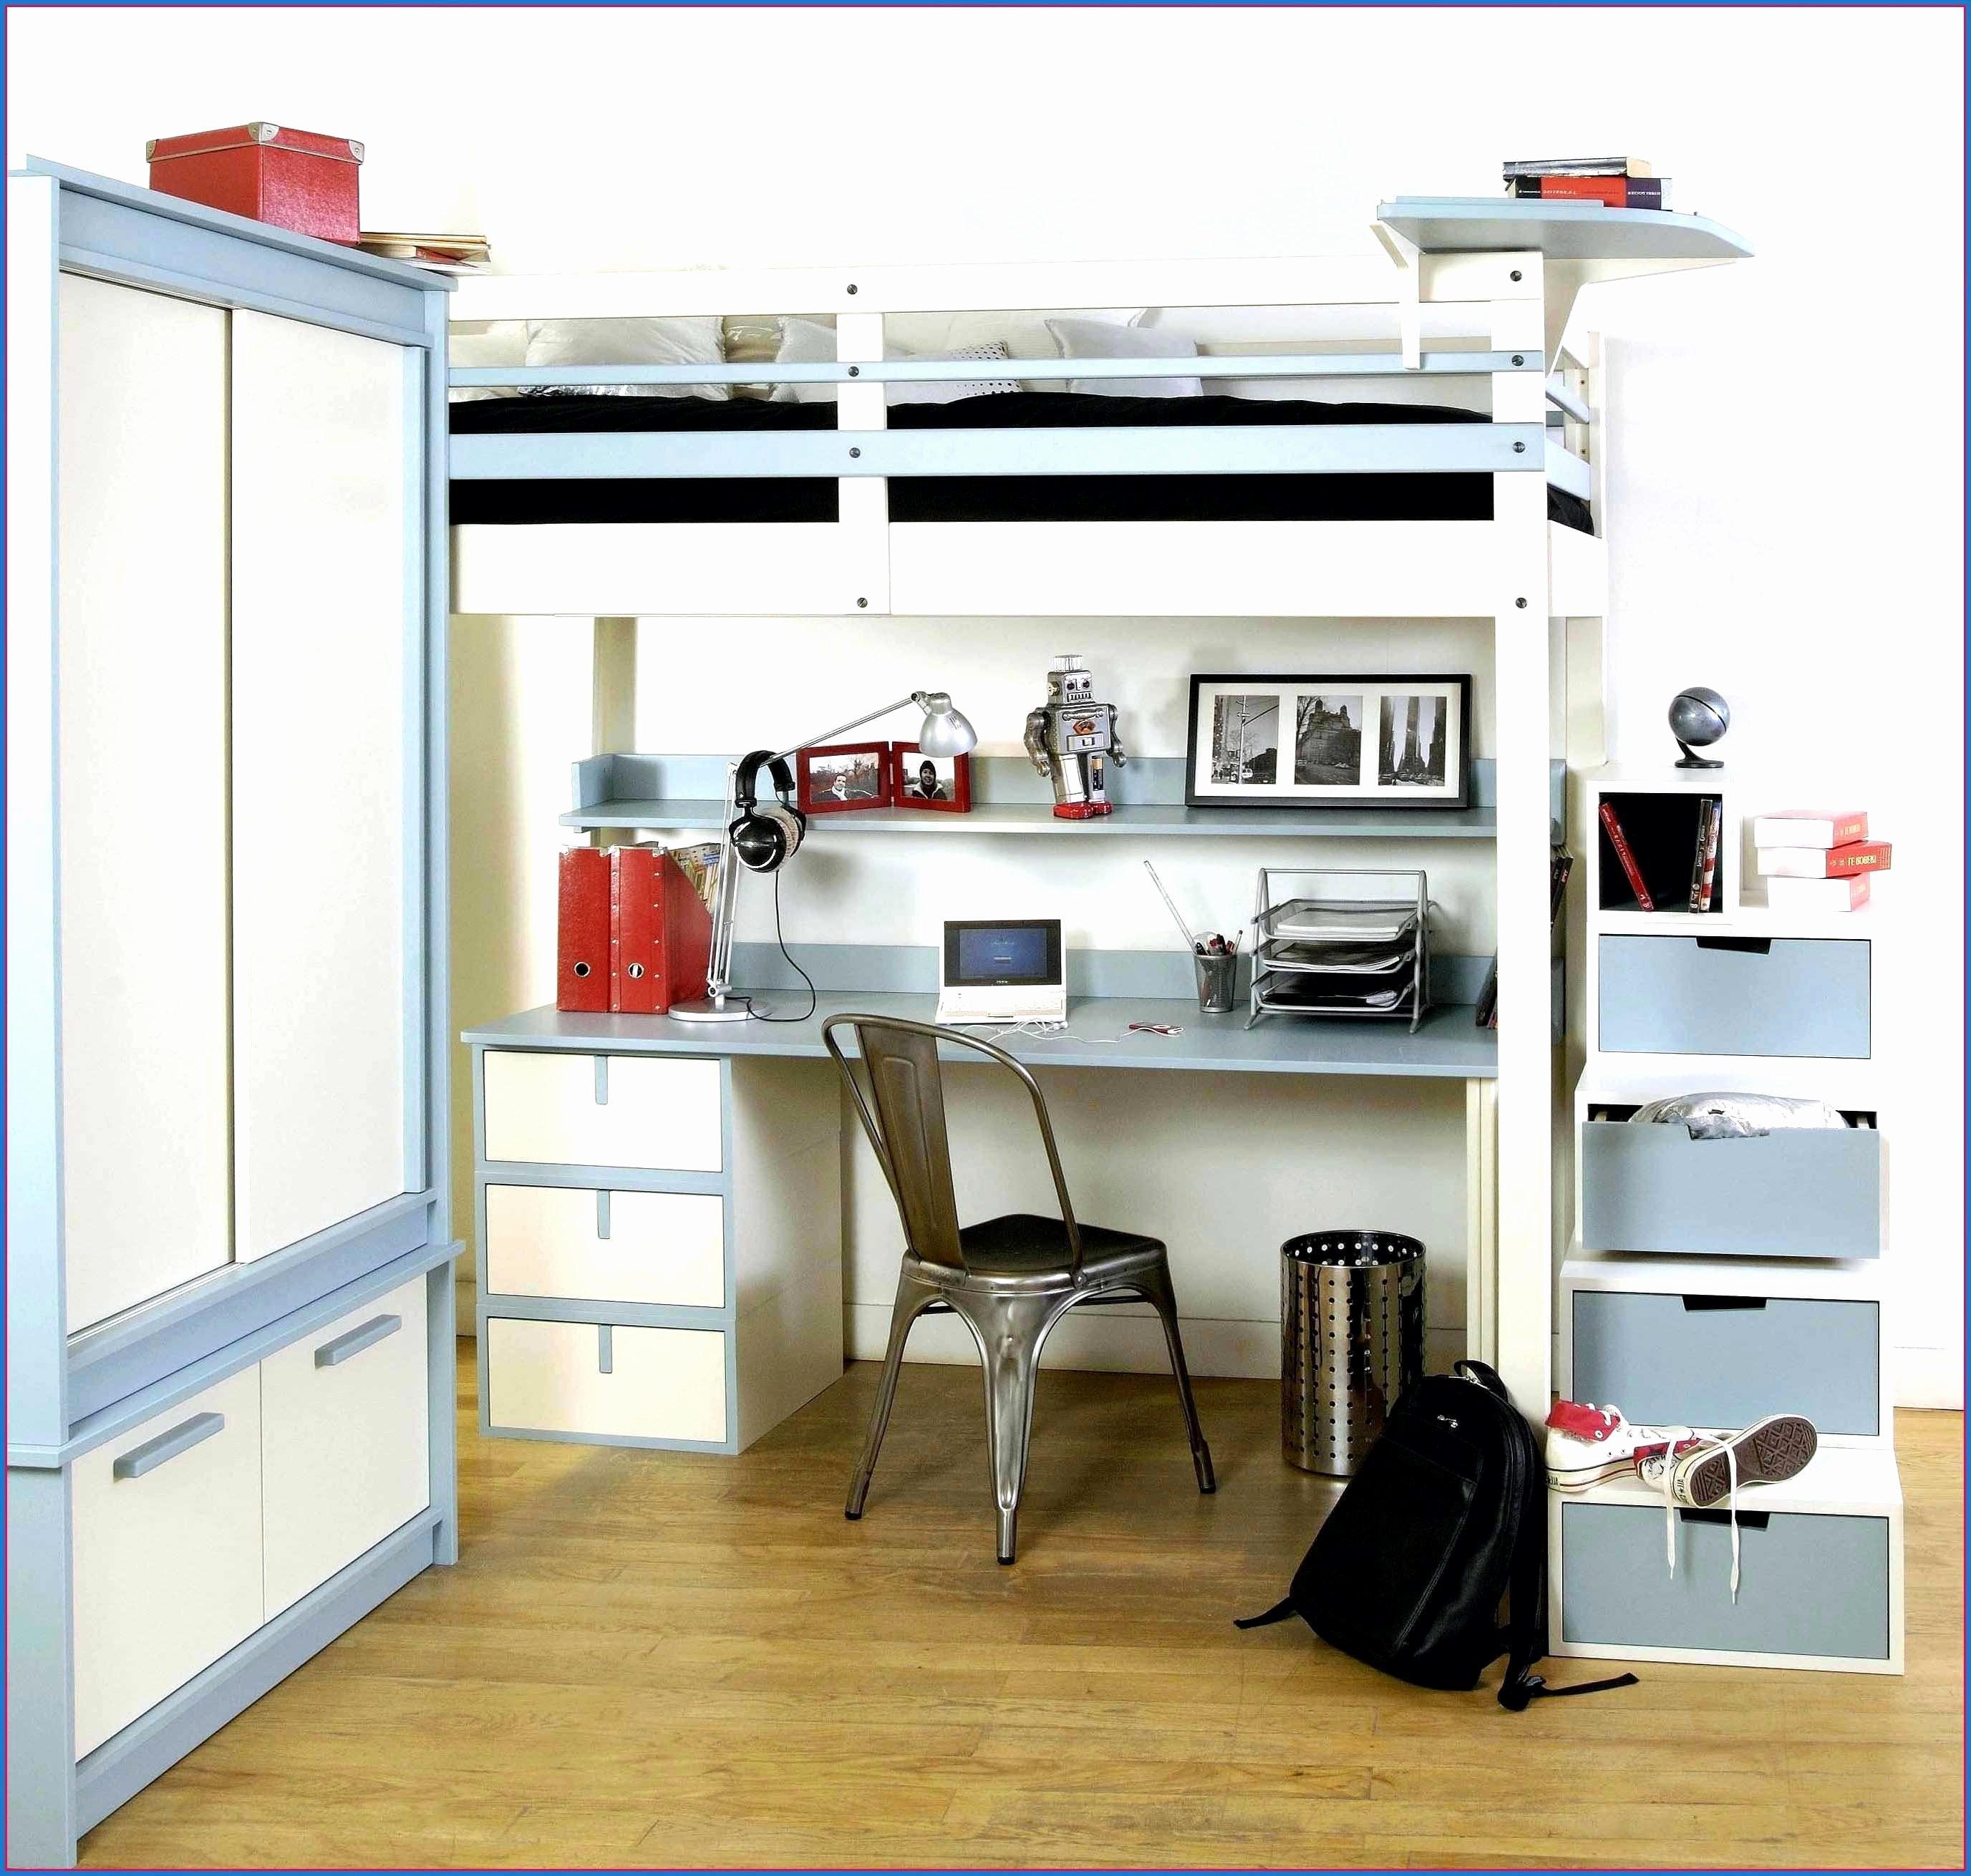 Lit Double Mezzanine Le Luxe Lit Mezzanine Armoire Einzigartig Lit Mezzanine Avec Bureau